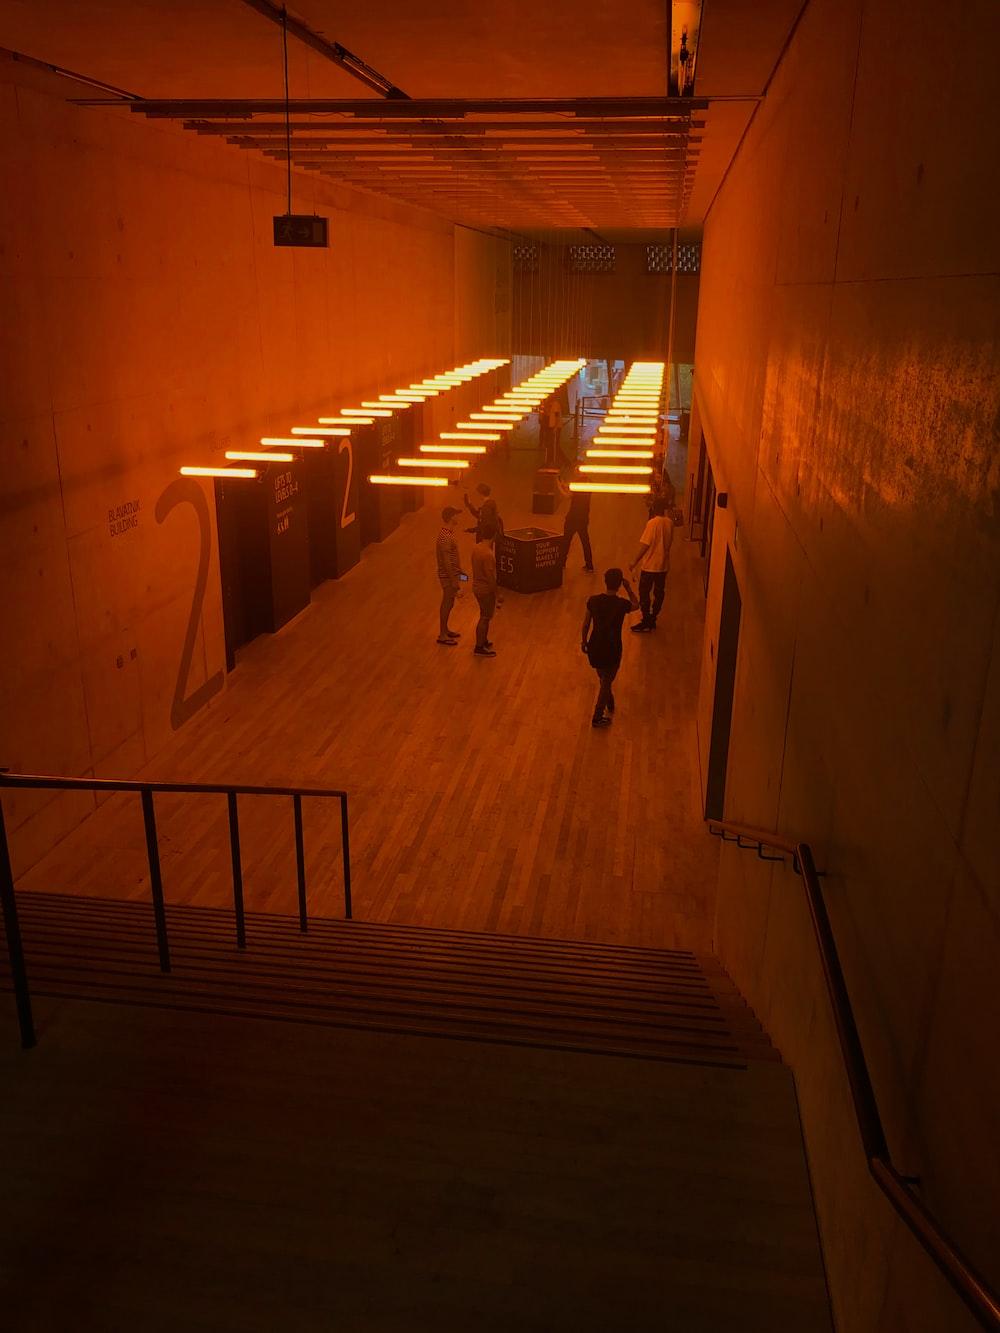 people walking on hallway during daytime